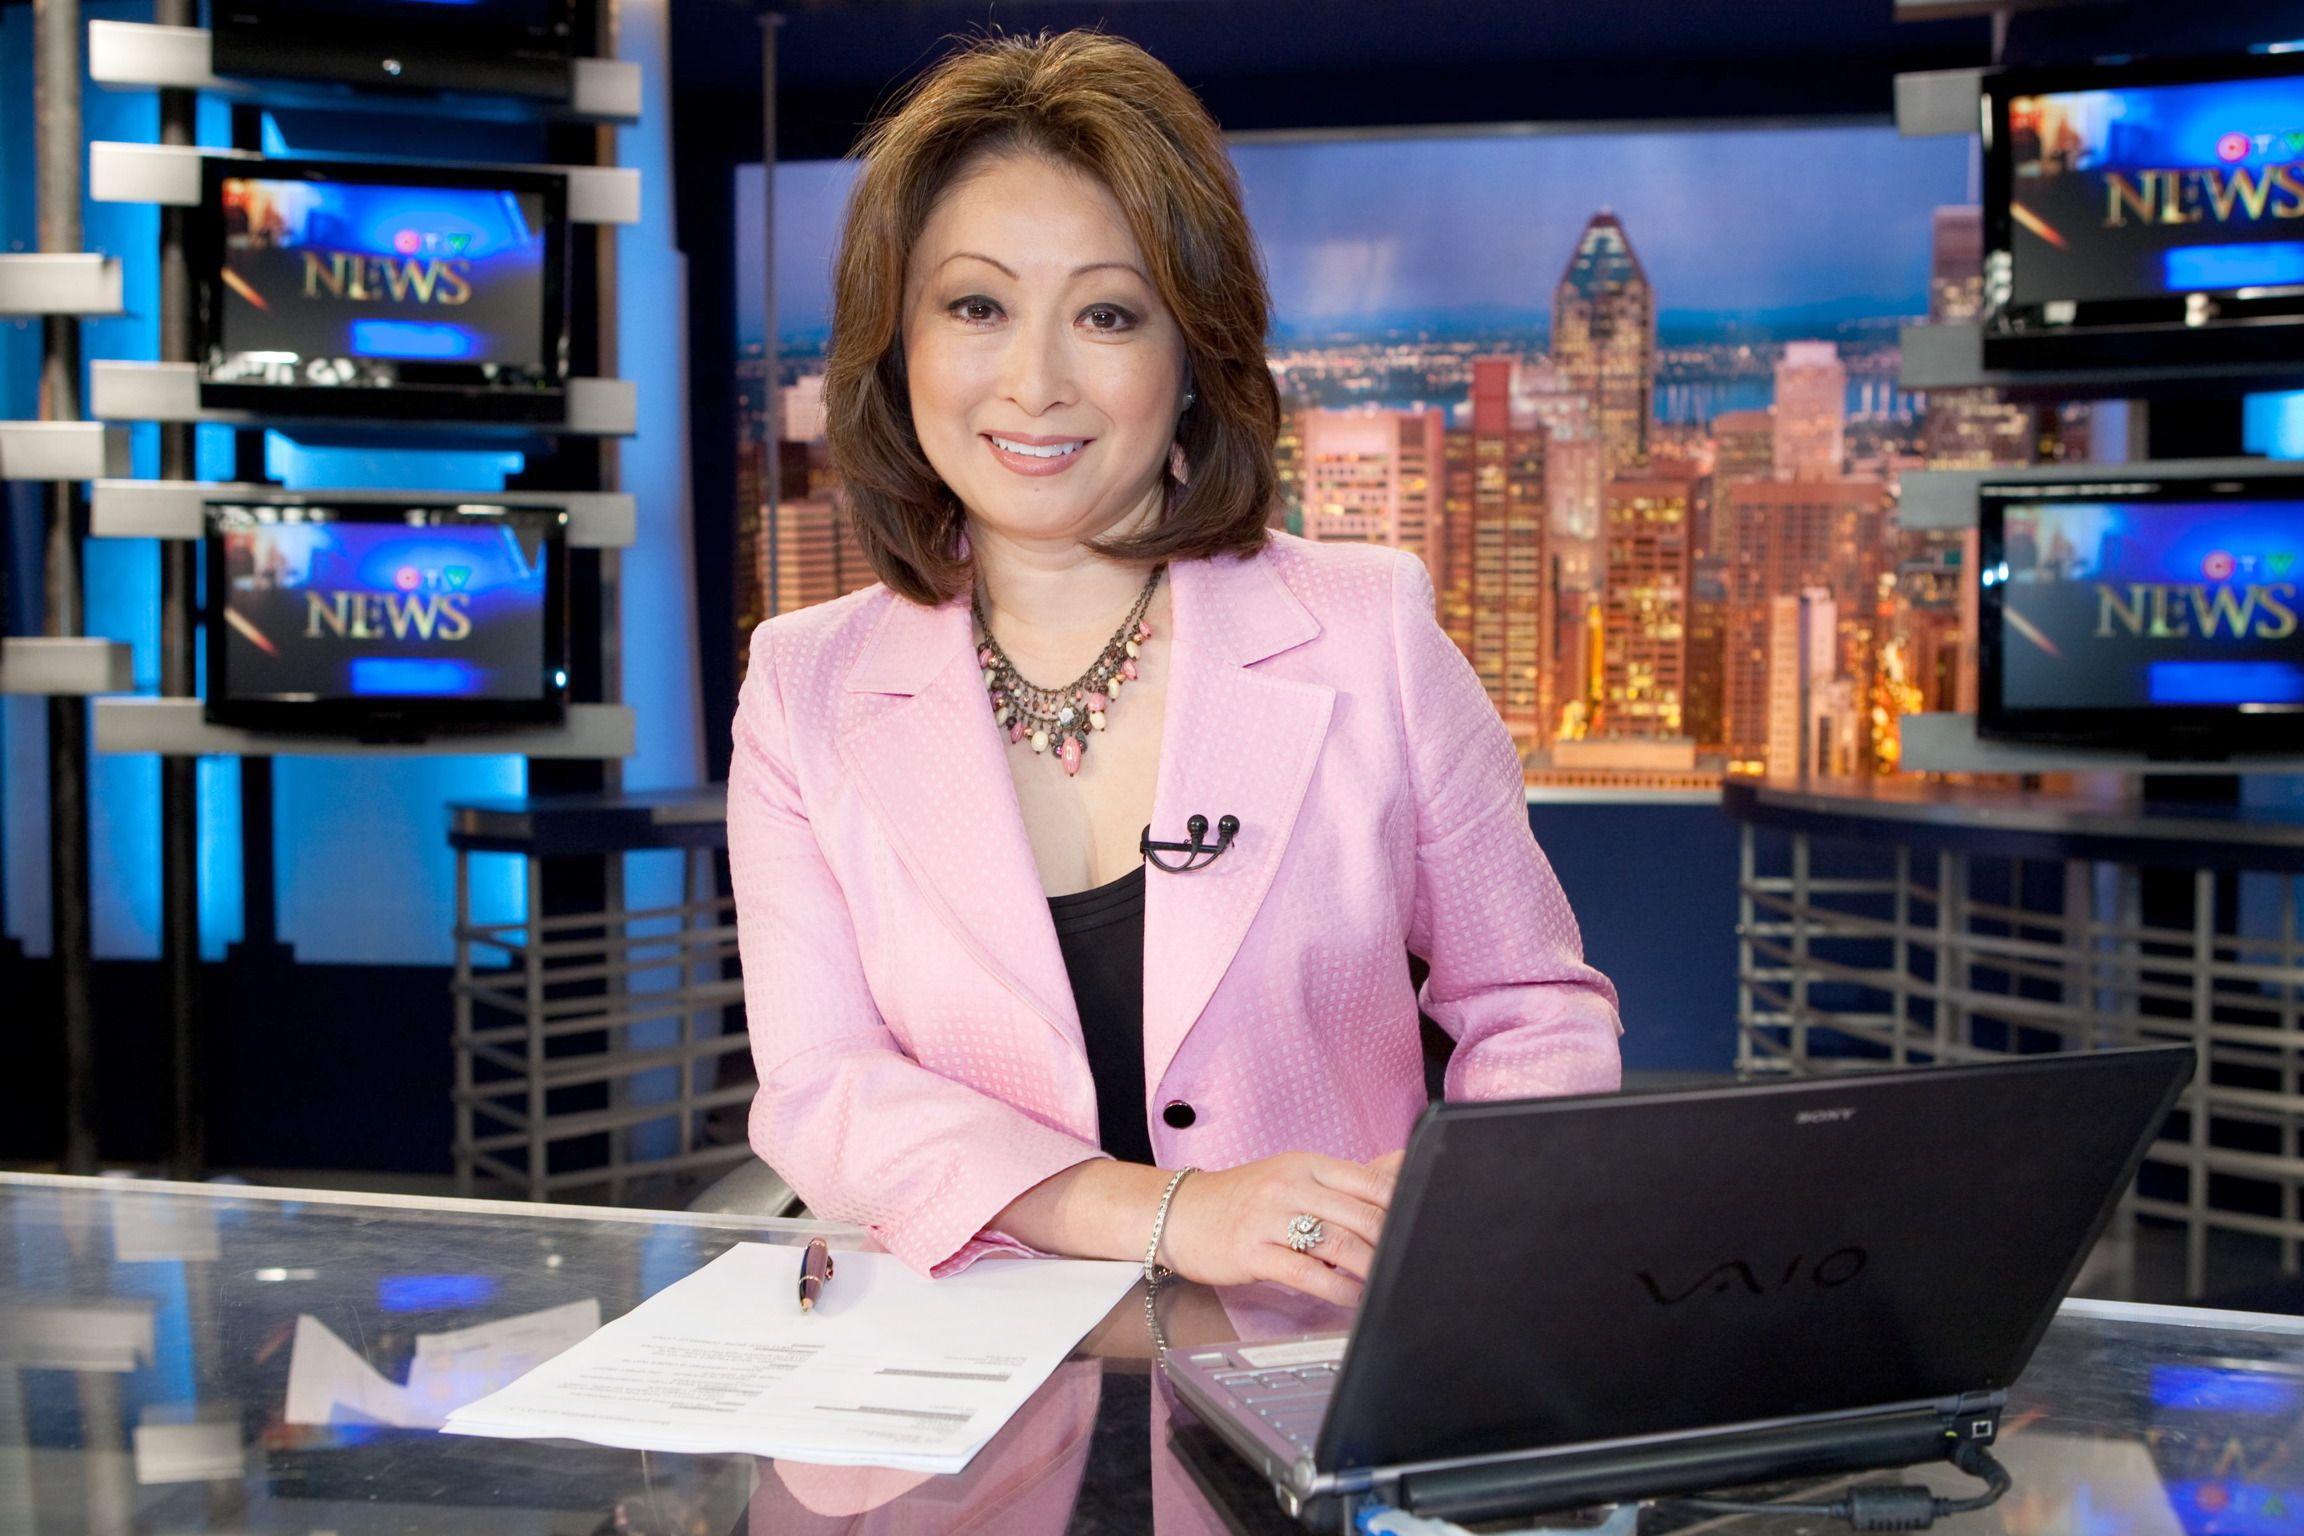 Mutsumi Takahashi, coanchor of CTV News Montreal at Noon